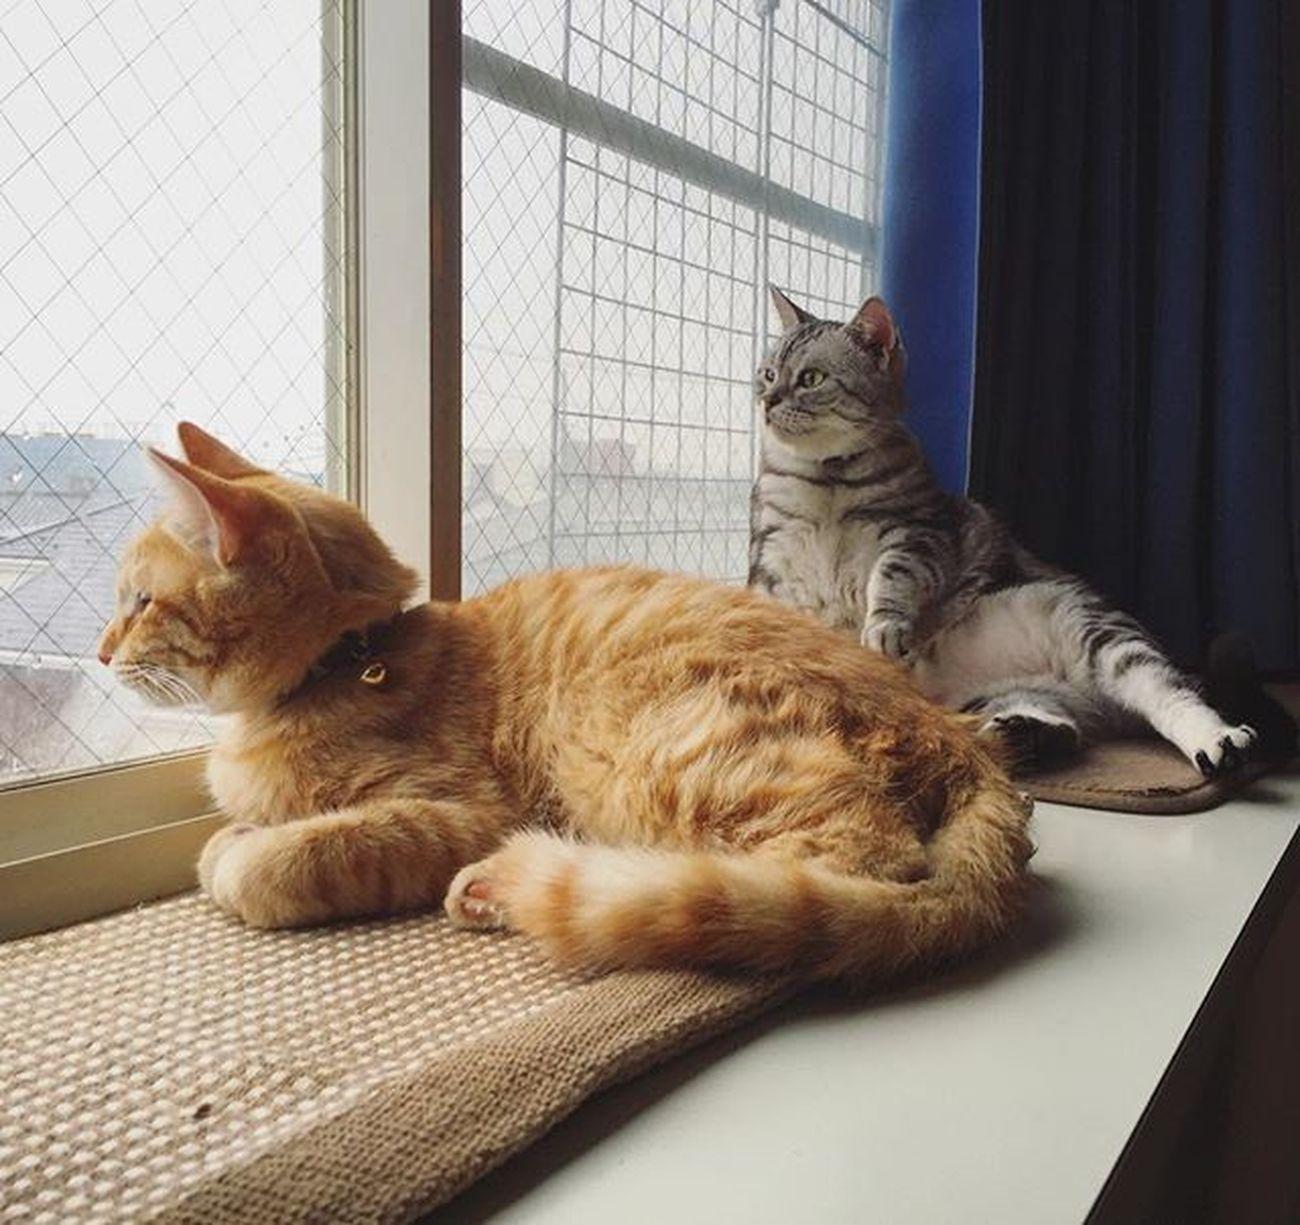 アメリカンショートヘアー アメショ Americanshorthair ズズ ズズ子 Zuzu ズズっぺ シルバータビー Cat Neko ねこ 猫 ねこ 茶トラ Cats Piopio Pio ピオ 雨☔️やだね〜…な出窓の2ニャンでおはようございます…😚😽💕